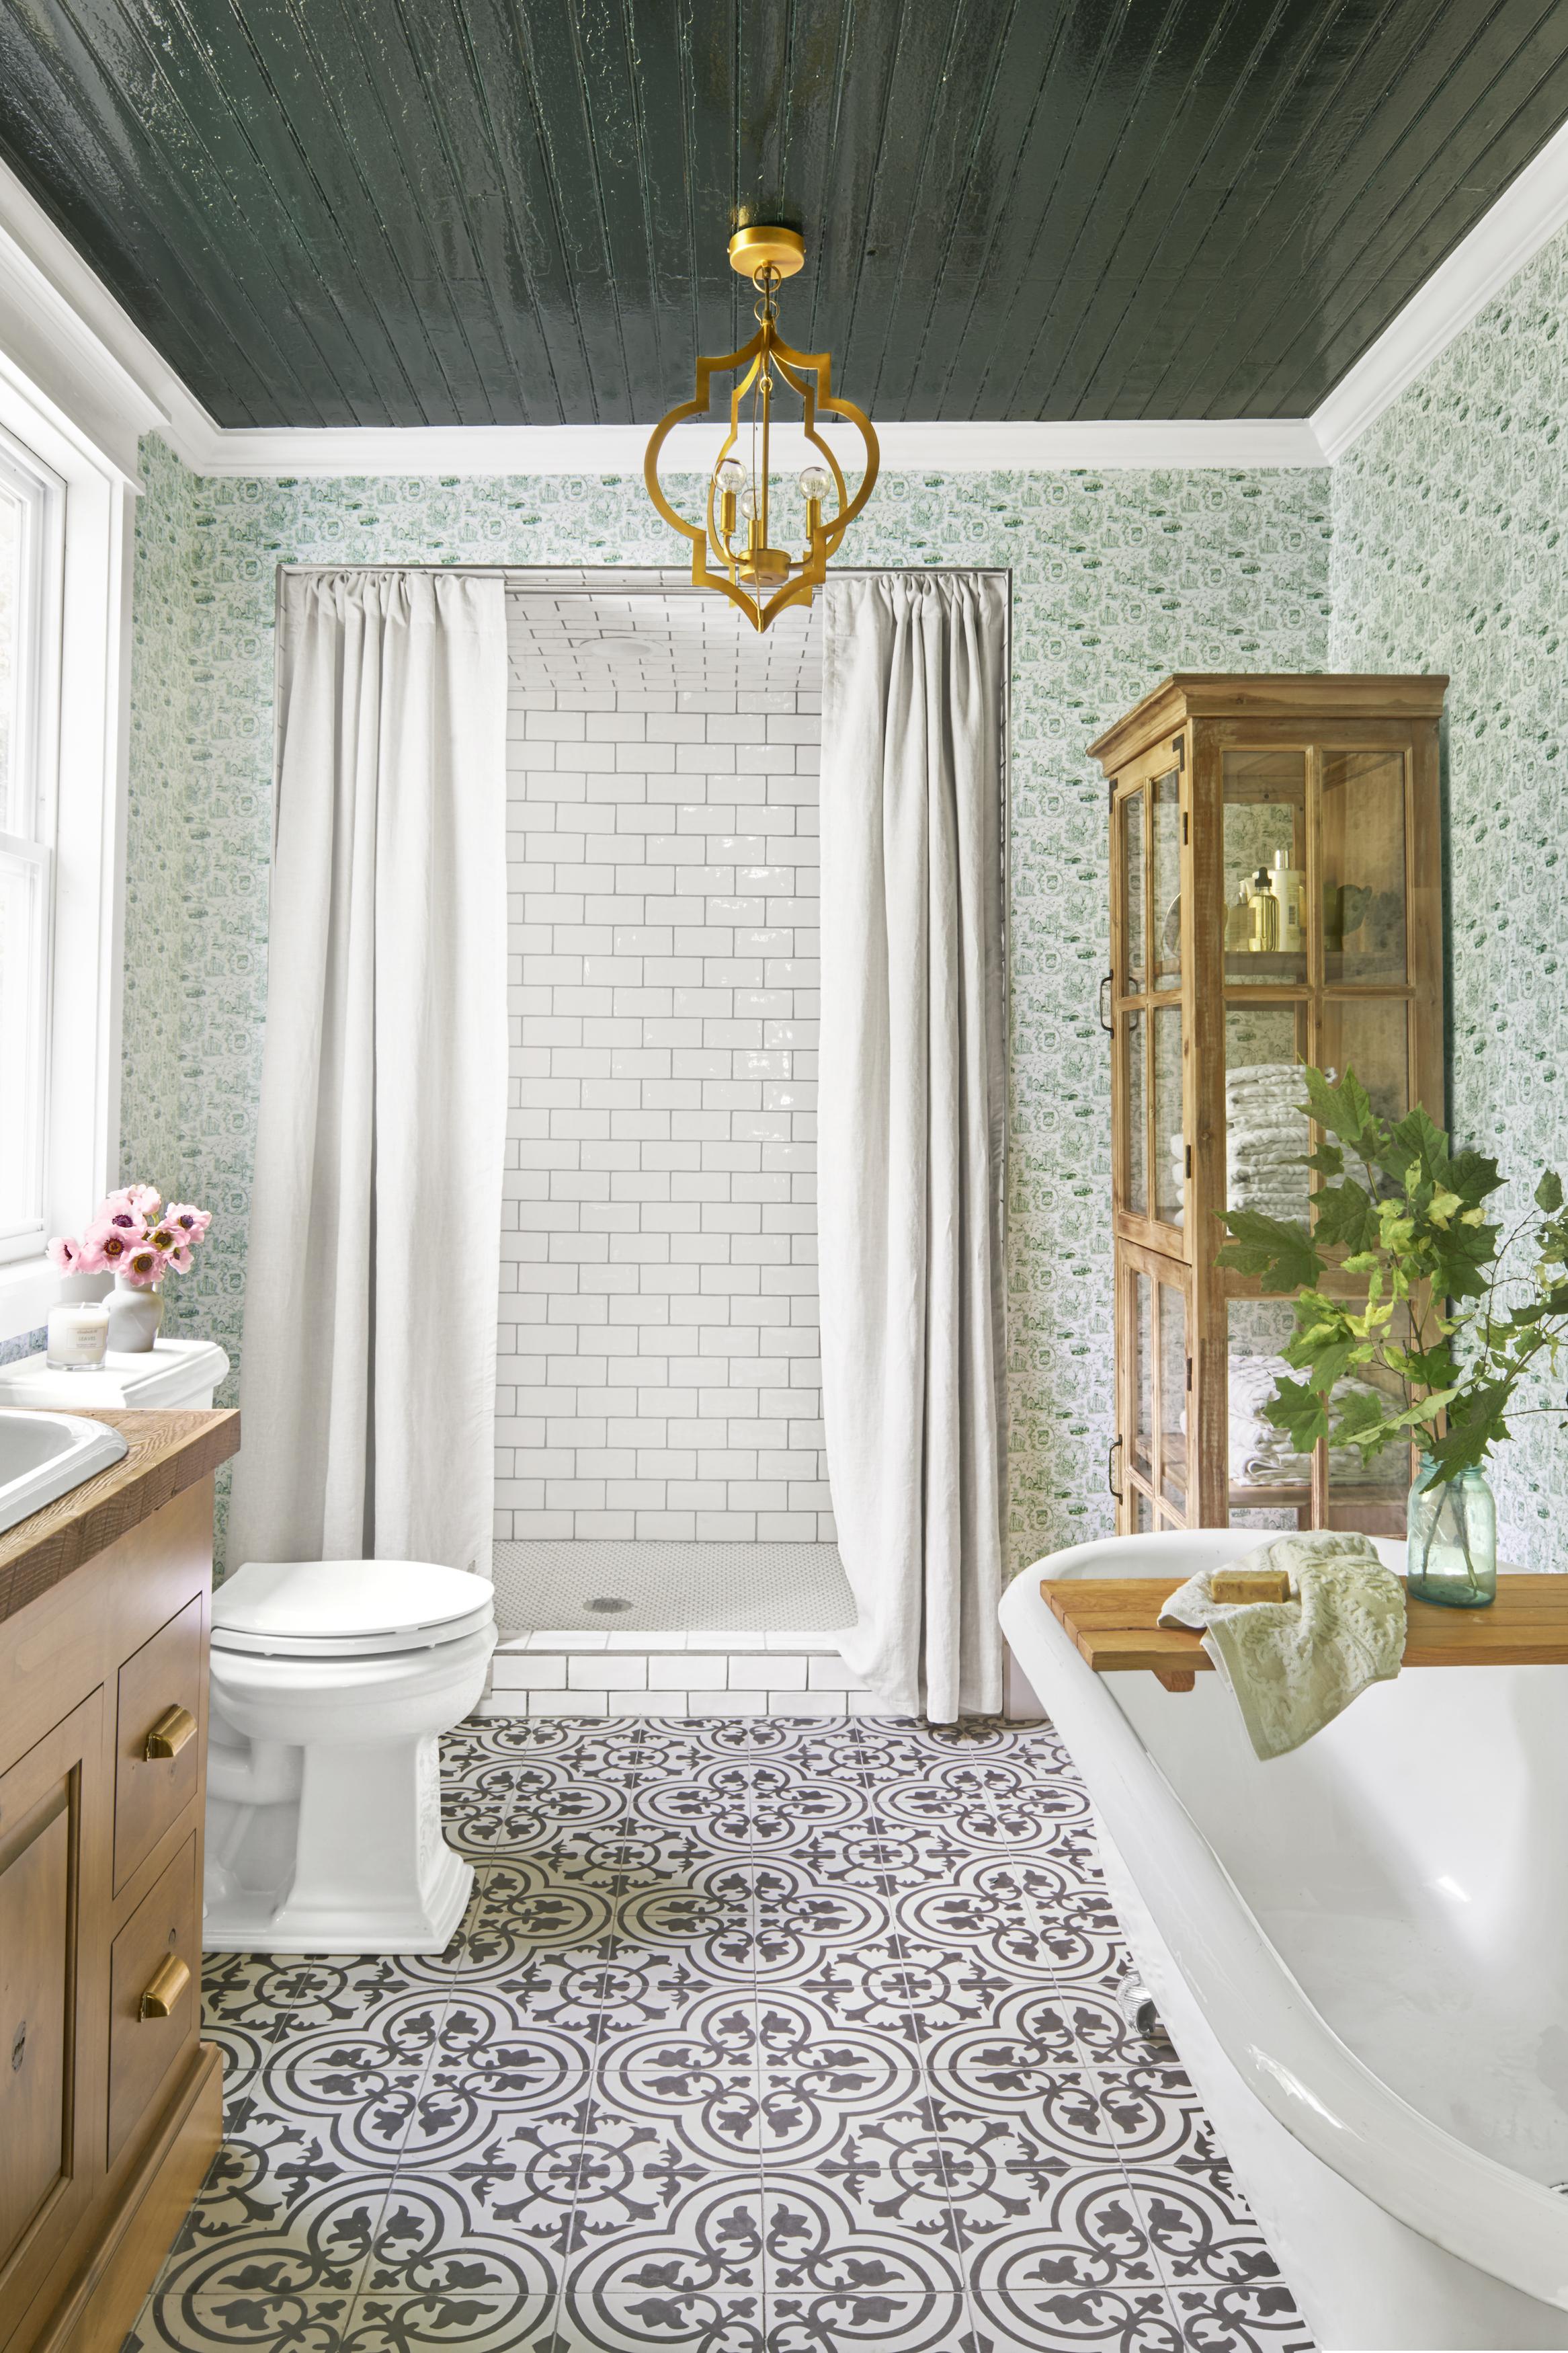 Bathroom Wall Paint 12 Best Bathroom Paint Colors Popular Ideas For Bathroom Wall Colors